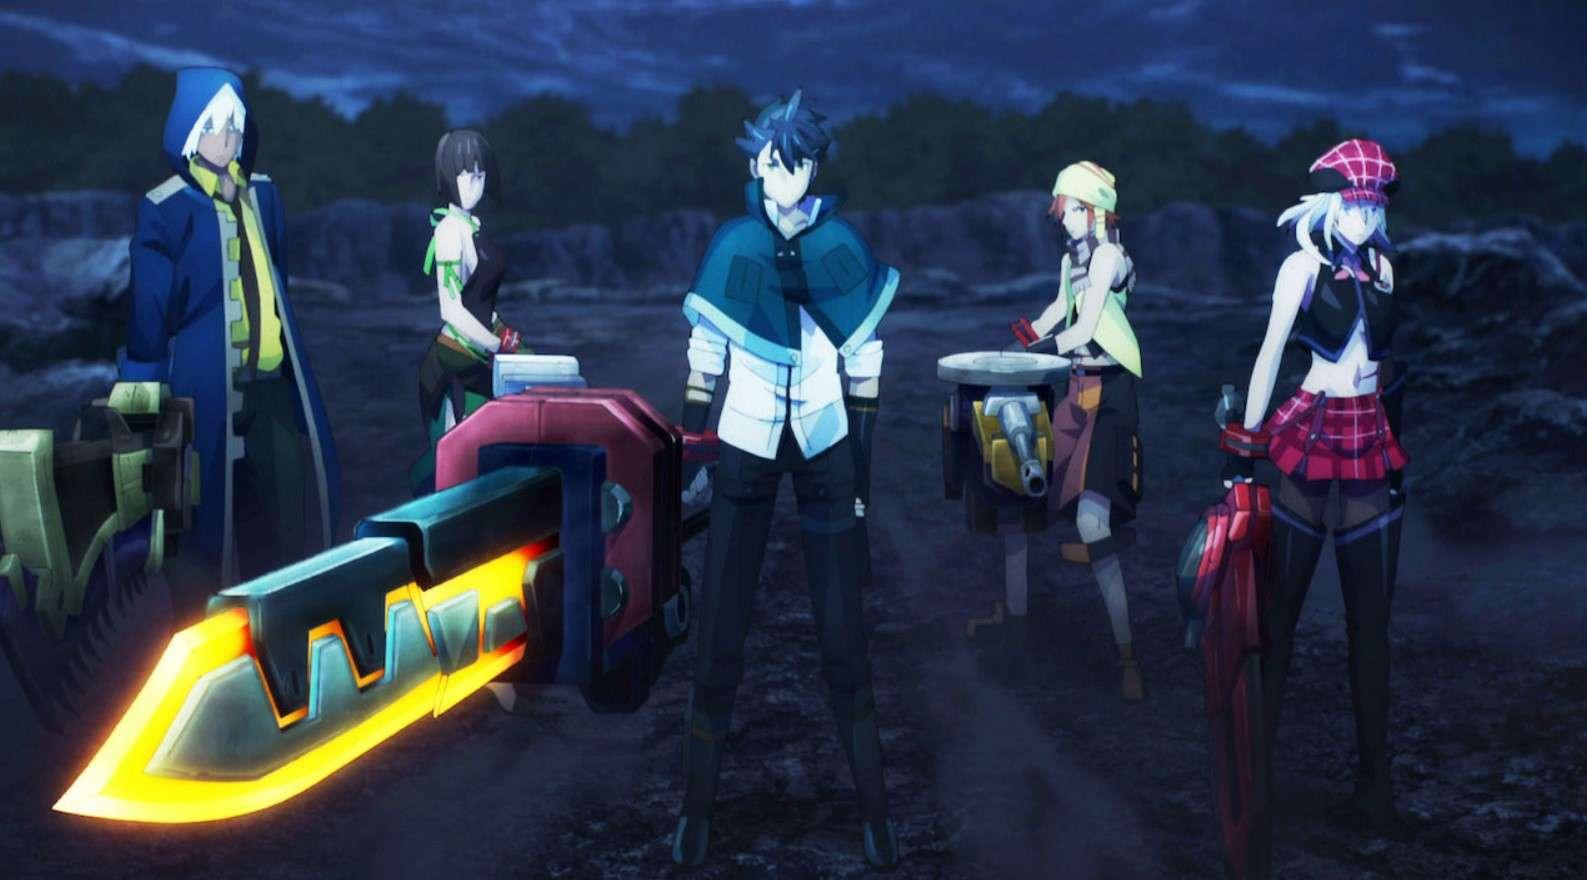 God Eater- anime like attack on titan